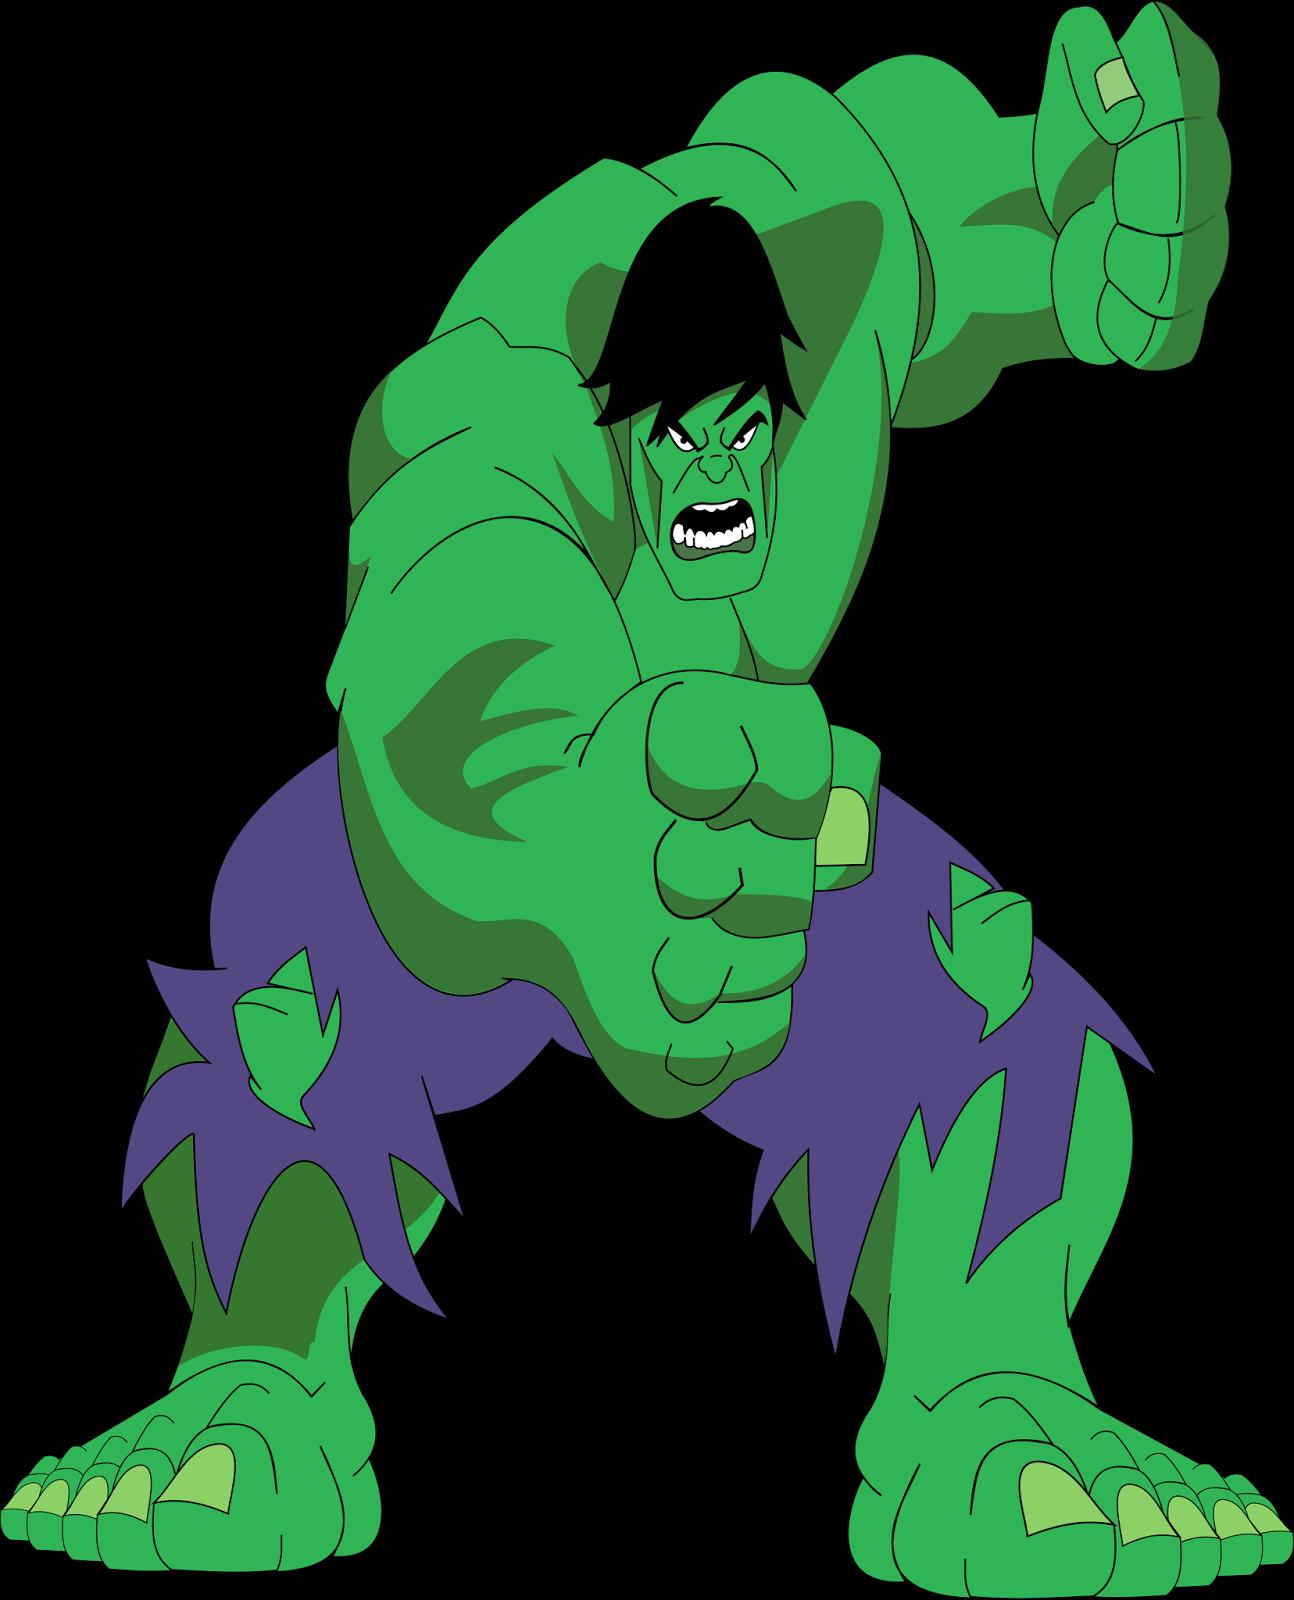 Hulk desenho clipart jpg Desenho do hulk clipart images gallery for free download ... jpg